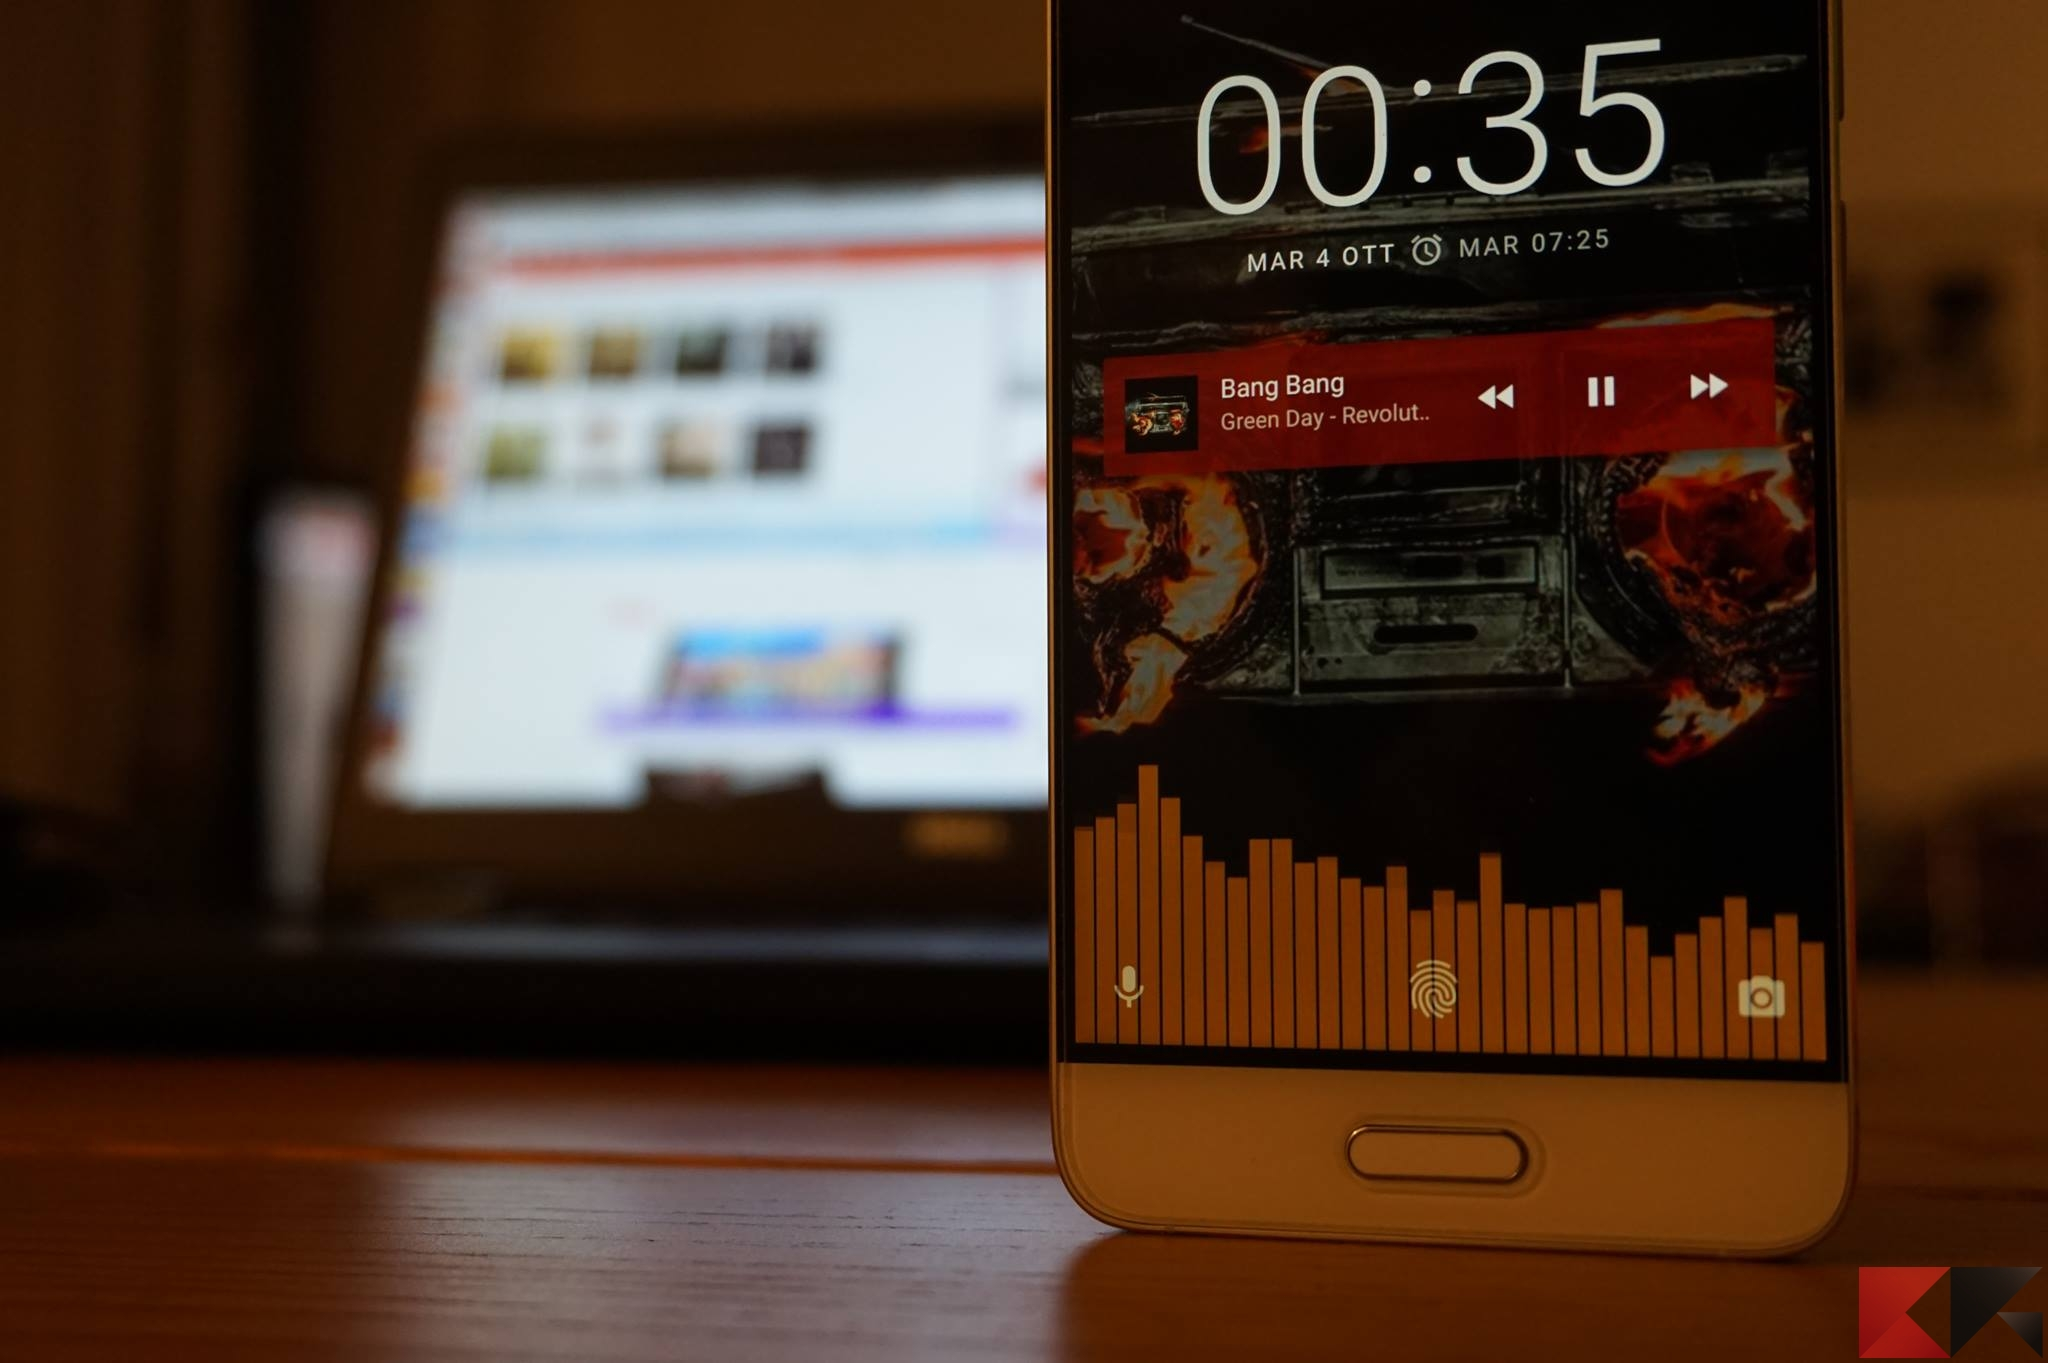 Scaricare musica su Android: le migliori app